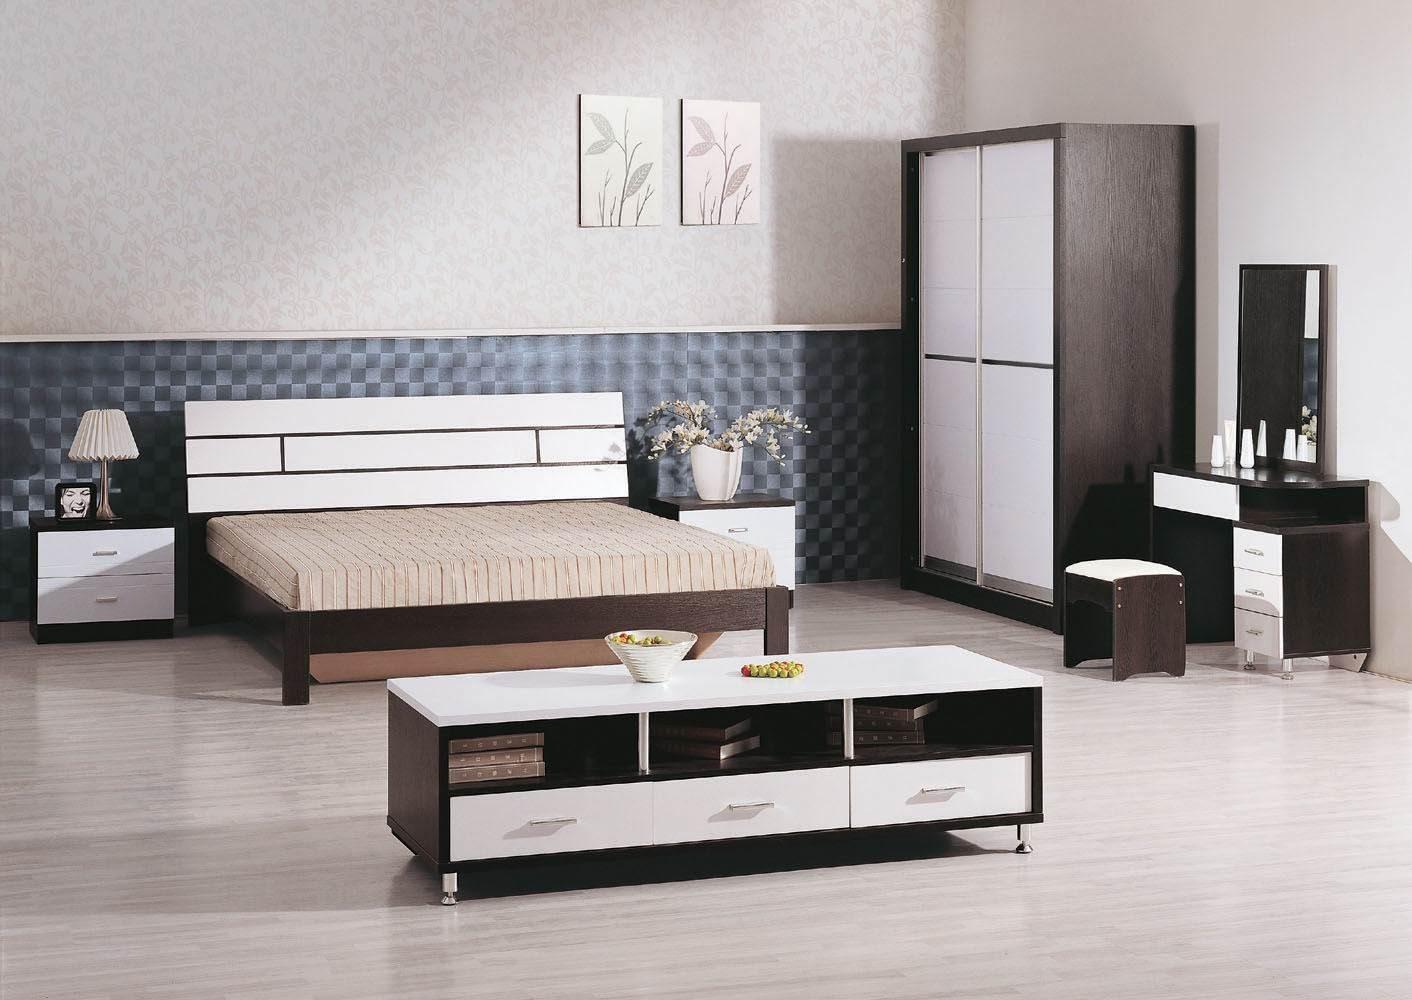 Muebles Modernos Para Dormitorios Im Genes Y Fotos # Muebles Dormitorios